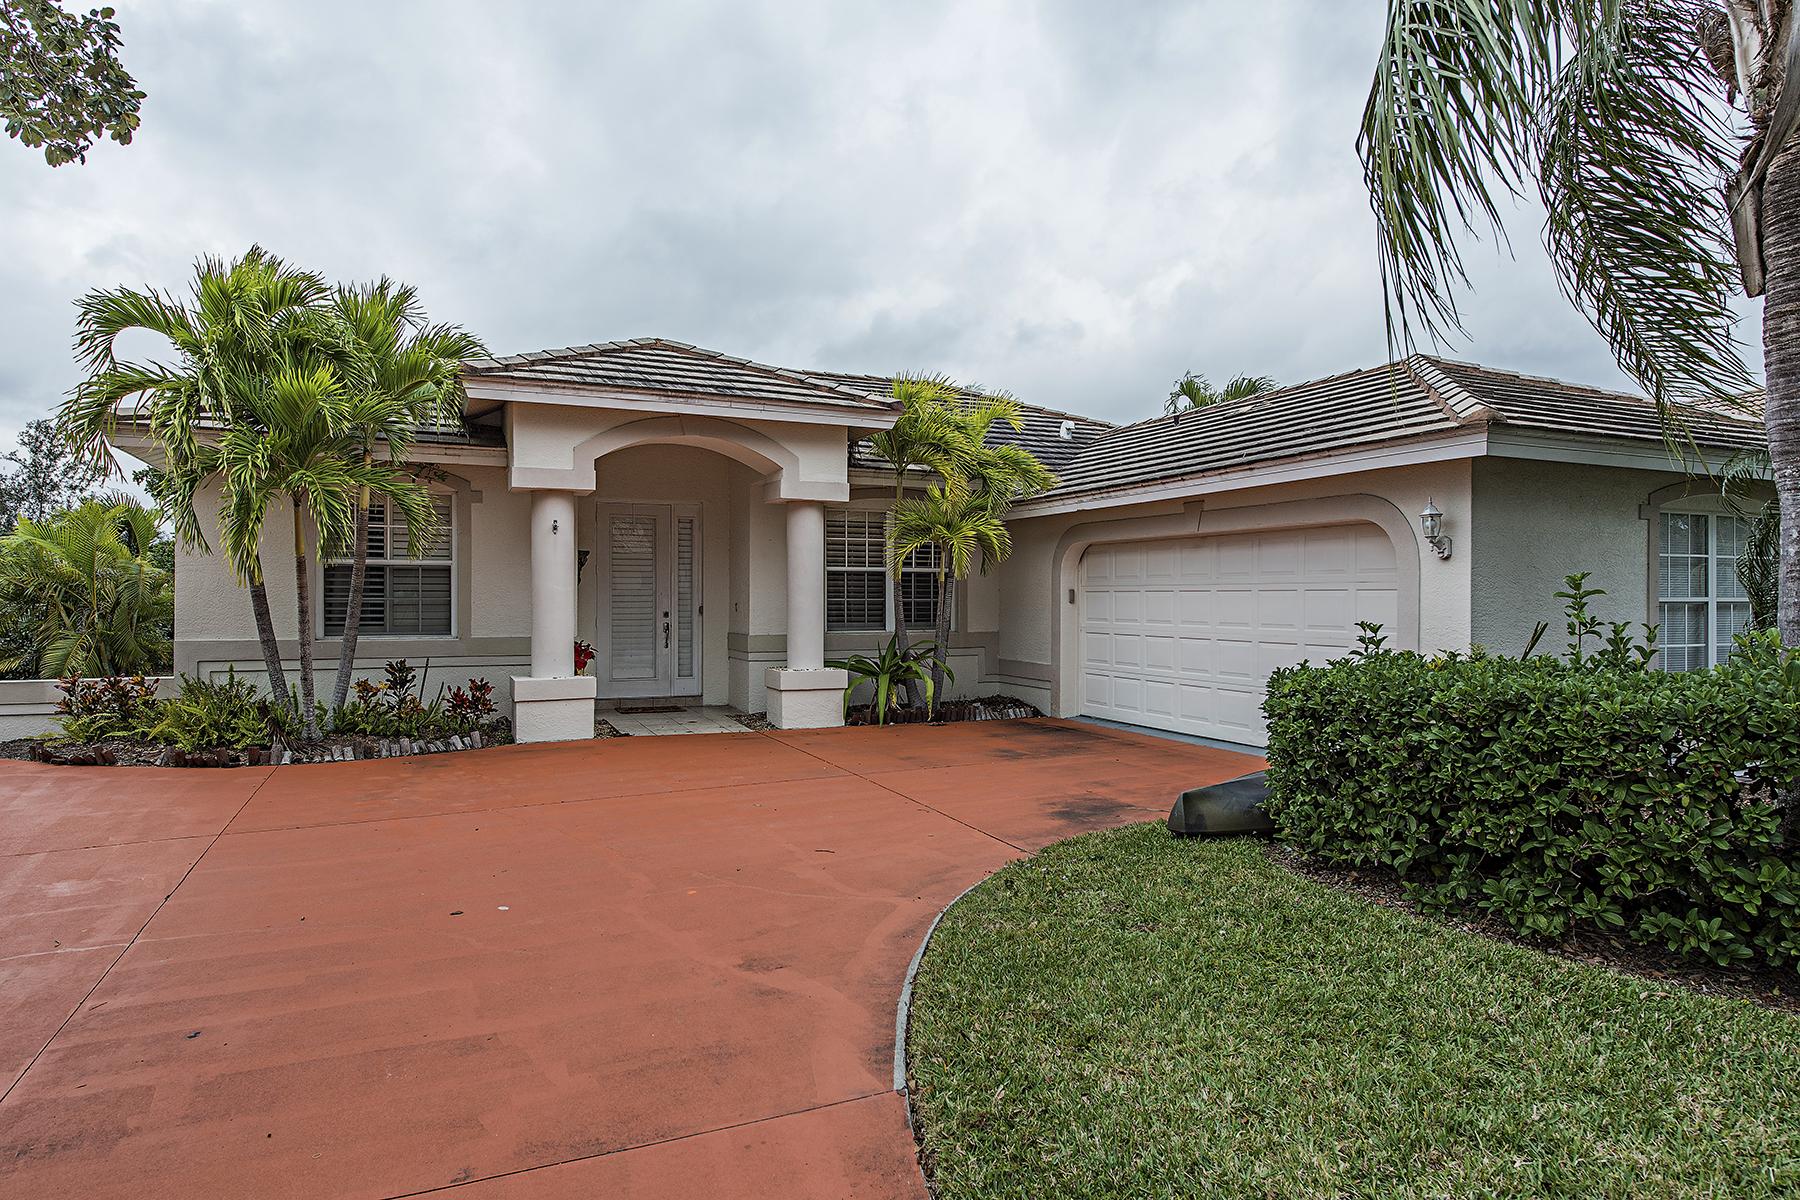 一戸建て のために 売買 アット LONGSHIRE LAKE - QUAIL WALK 10867 Fieldfair Dr, Naples, フロリダ, 34119 アメリカ合衆国